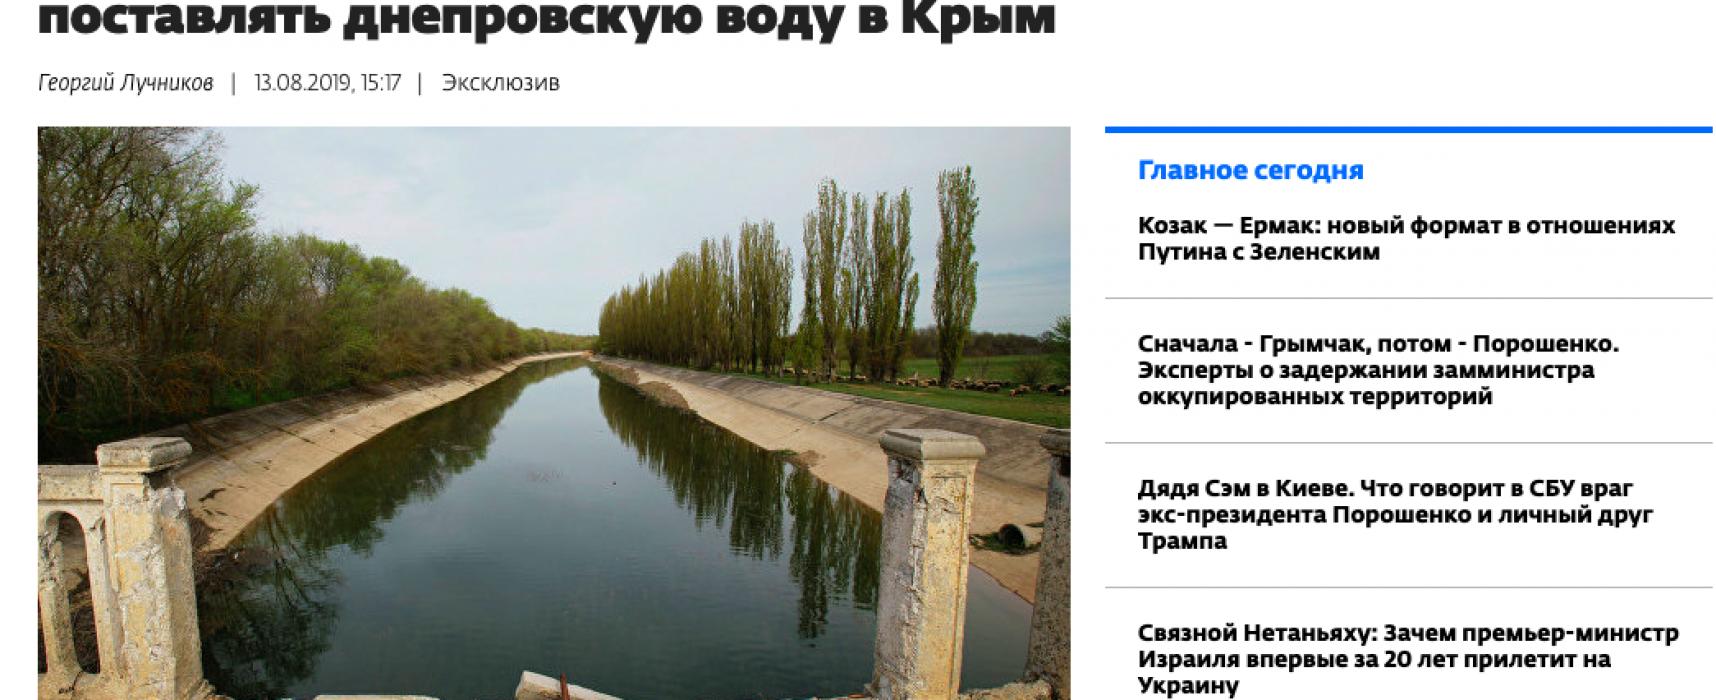 Фейк: Украина обязана поставлять воду в Крым из-за российской принадлежности Днепра